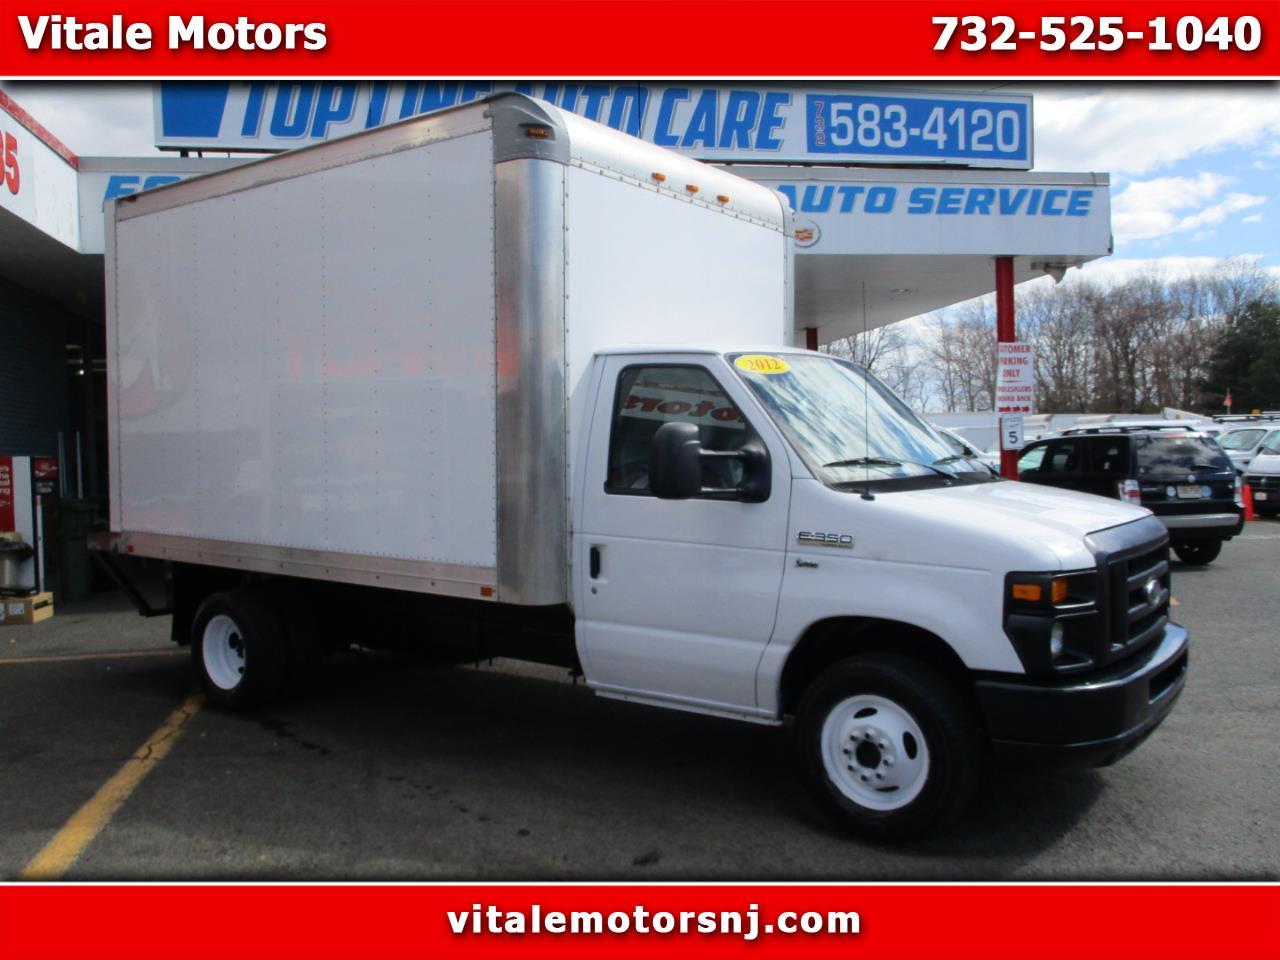 Photo 2012 Ford Econoline E-350 14 FOOT BOX TRUCK W REAR STEP